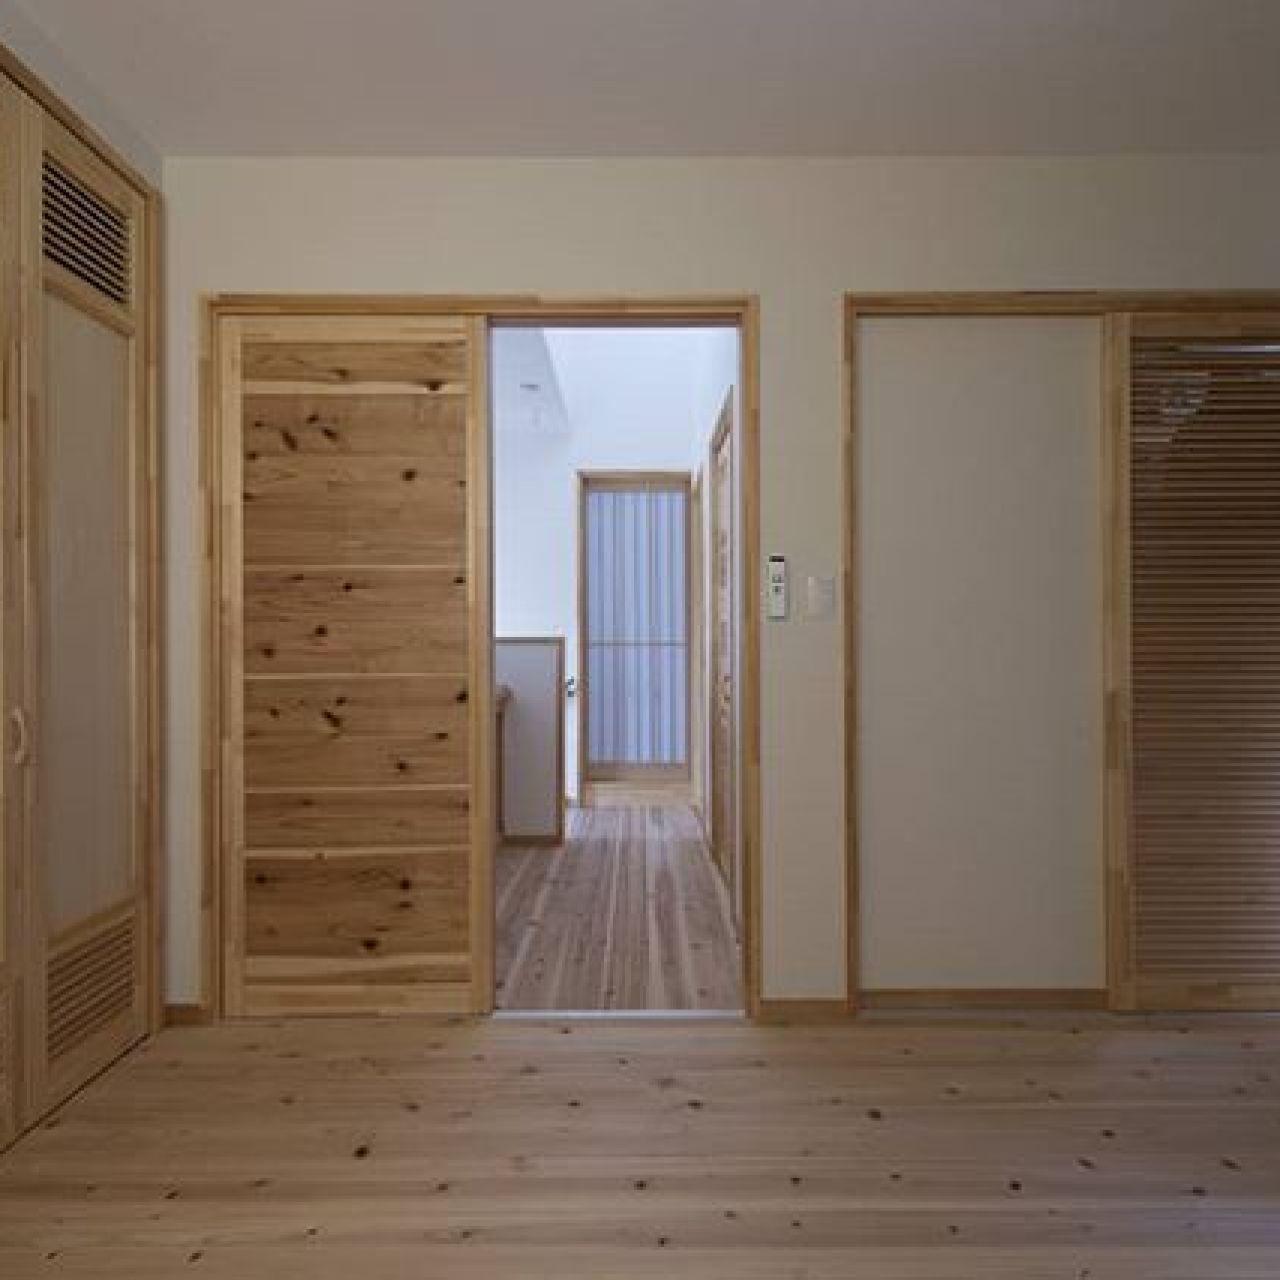 左側がクローゼット、正面右側のドアはファミリークロークへ。どちらも湿気がこもらない通風(ルーバー)建具。杉板の30mmの厚い床は天然の床暖房のように暖かい。奥のホールが明るいのは採光窓のおかげ。#ルーバー #手造り #オリジナル建具 #自然素材の家 #注文住宅#住ま居る #ファミリークローゼット #杉板 #手作り建具 #採光窓 #杉の建具